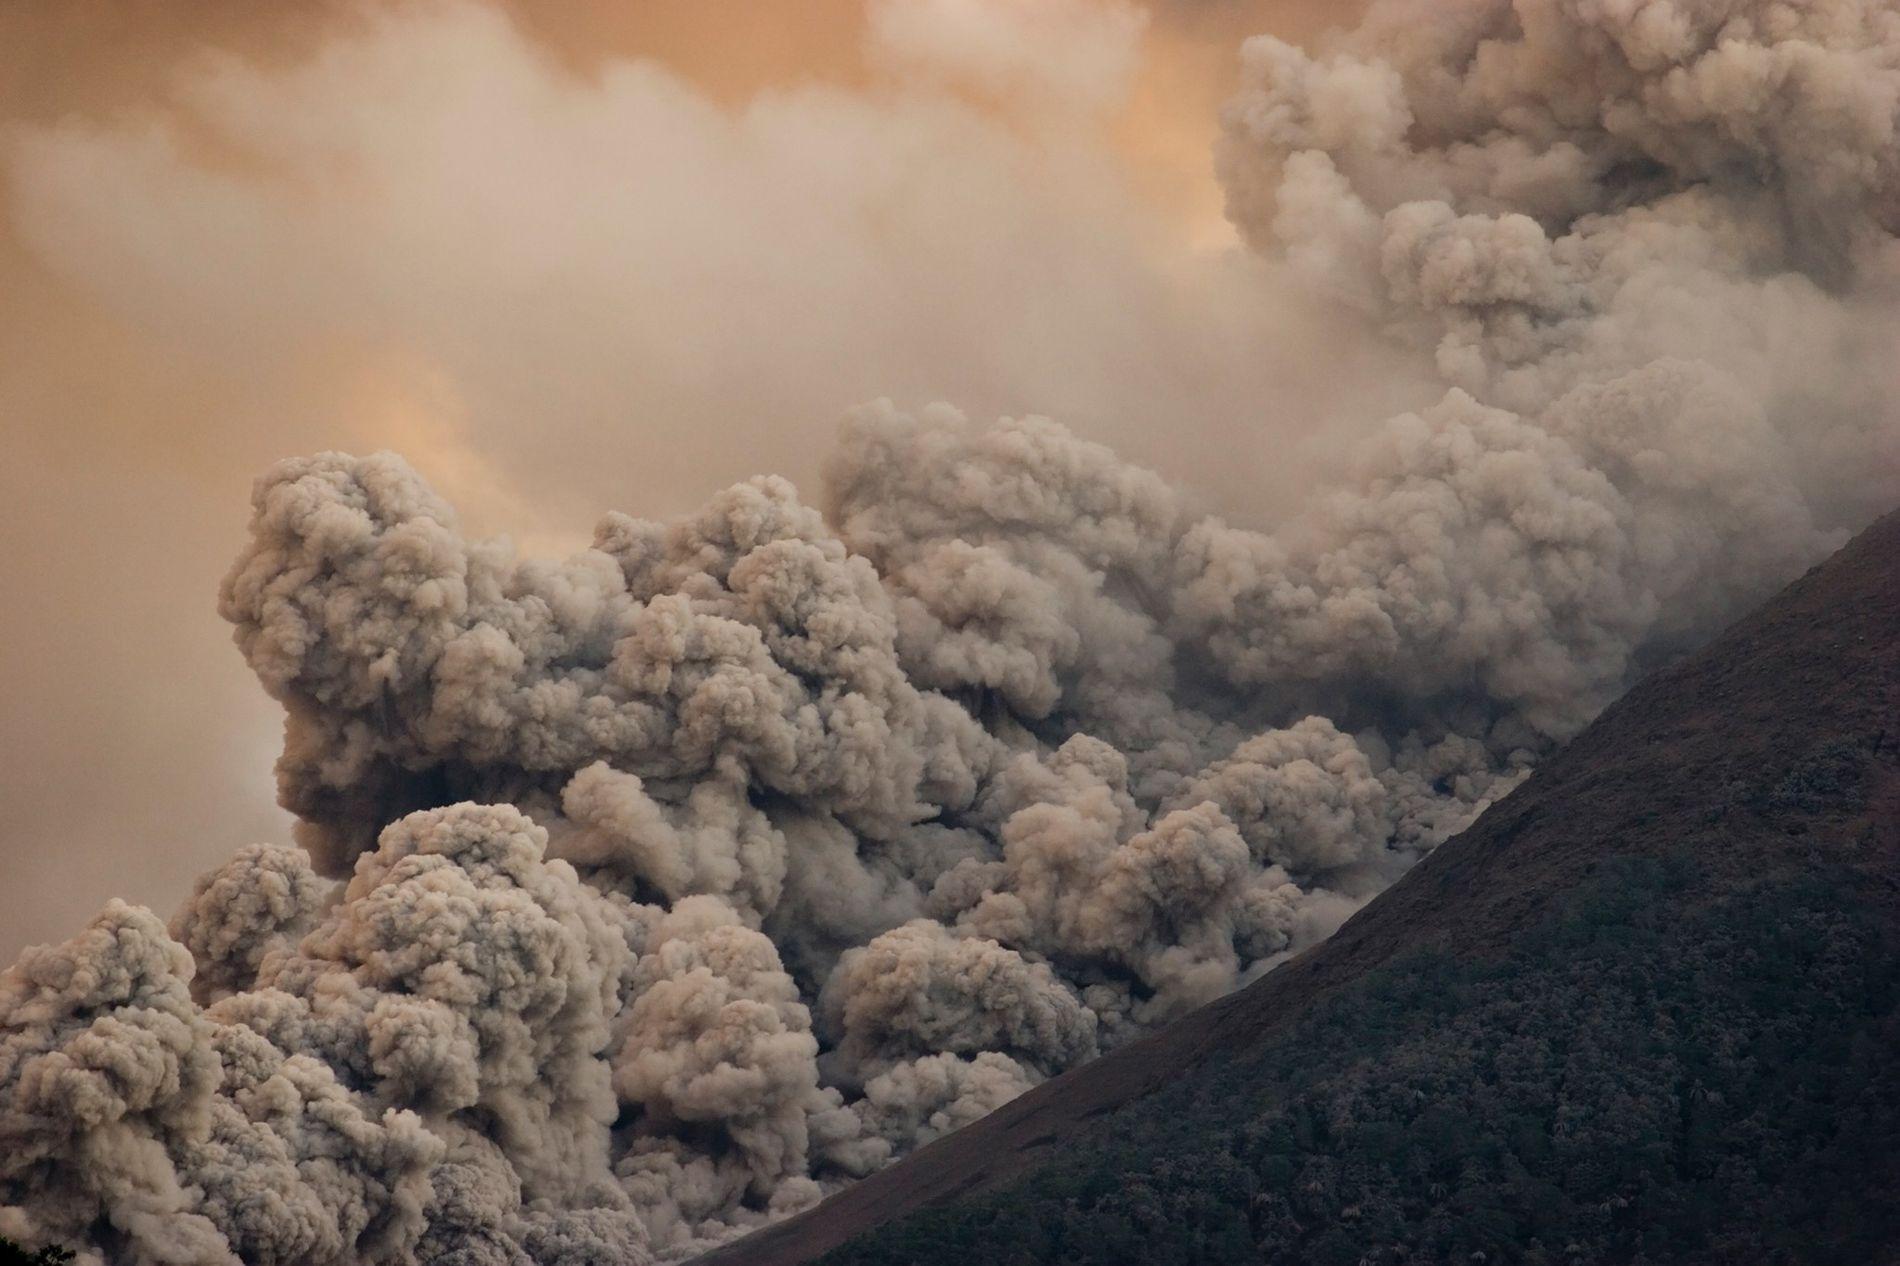 Uma quente avalanche de gases, cinzas e rochas, conhecida como fluxo piroclástico, desce pelas laterais do vulcão Merapi, ativo na região central de Java, Indonésia.